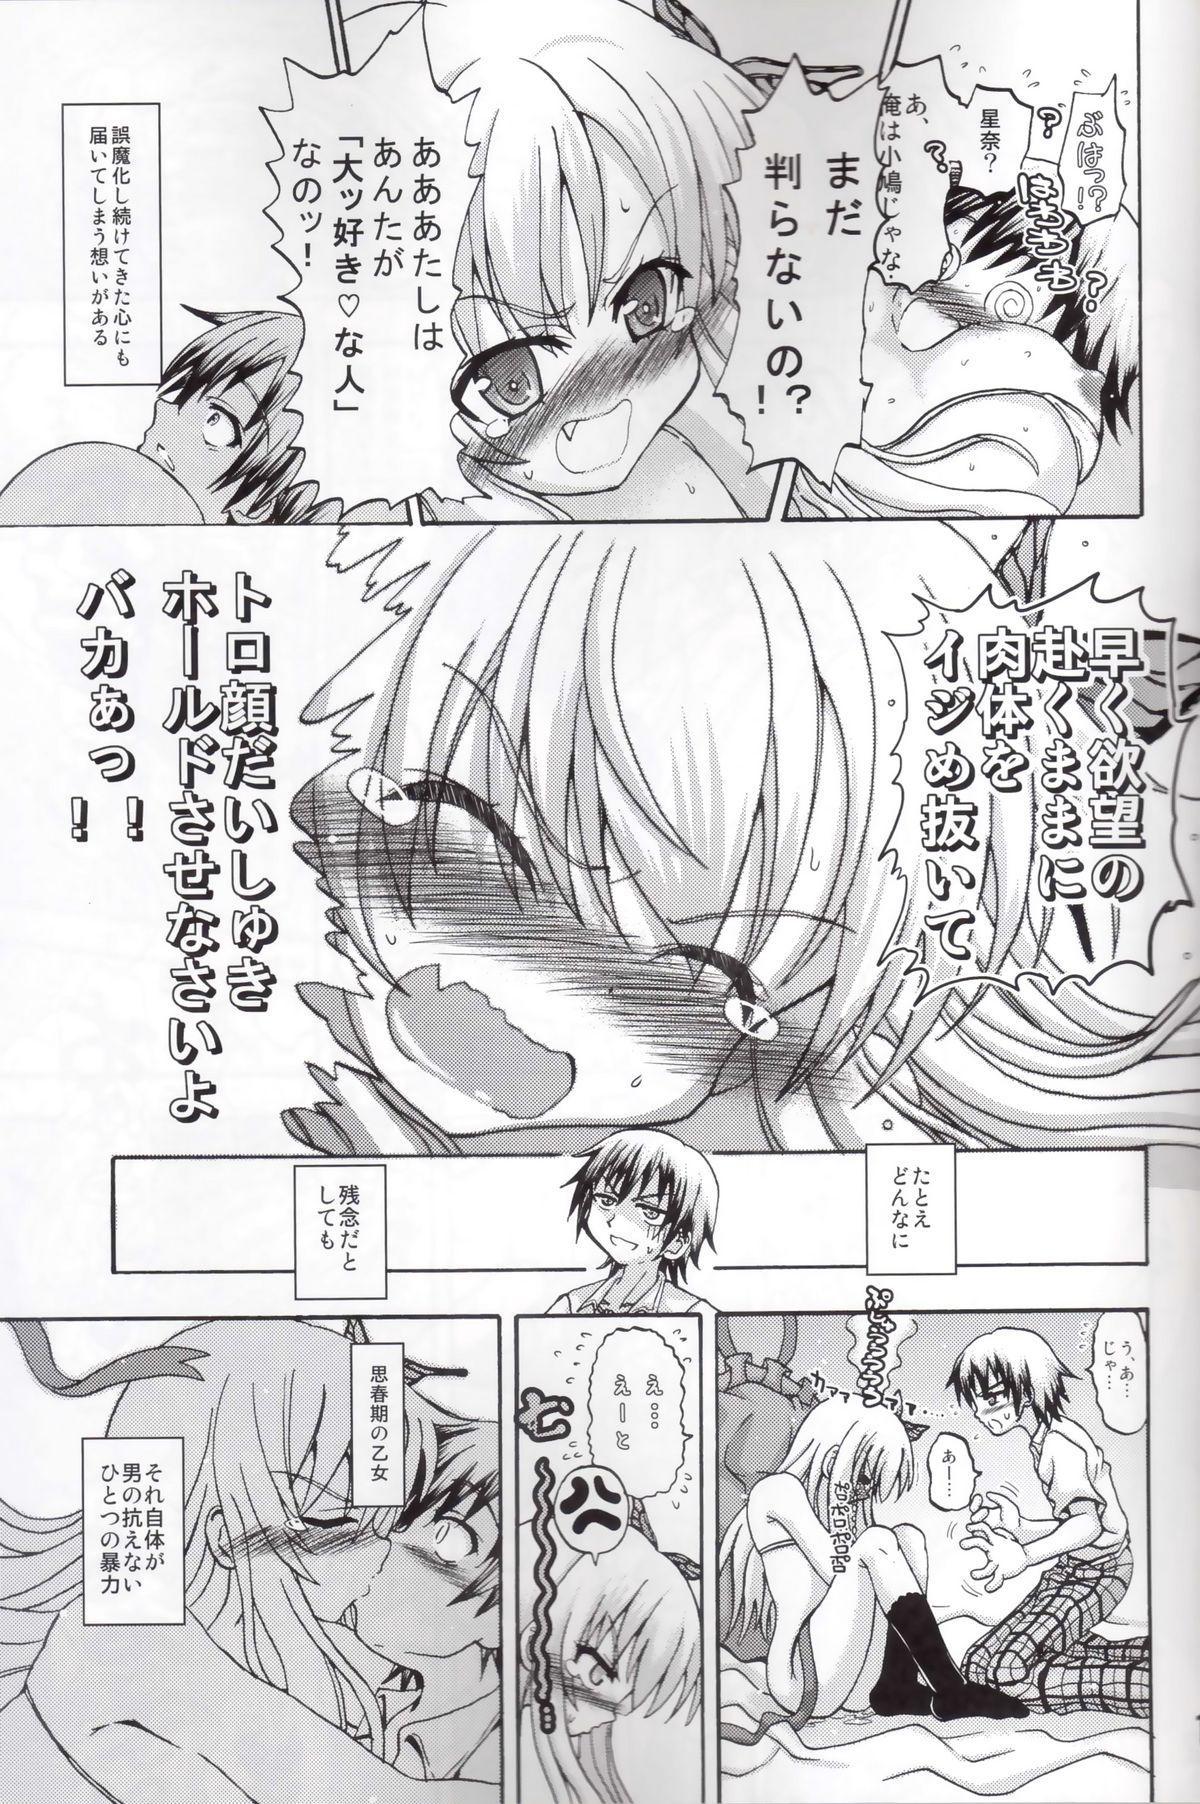 Boku ni Sono Niku wo Kegase to Iunoka 9